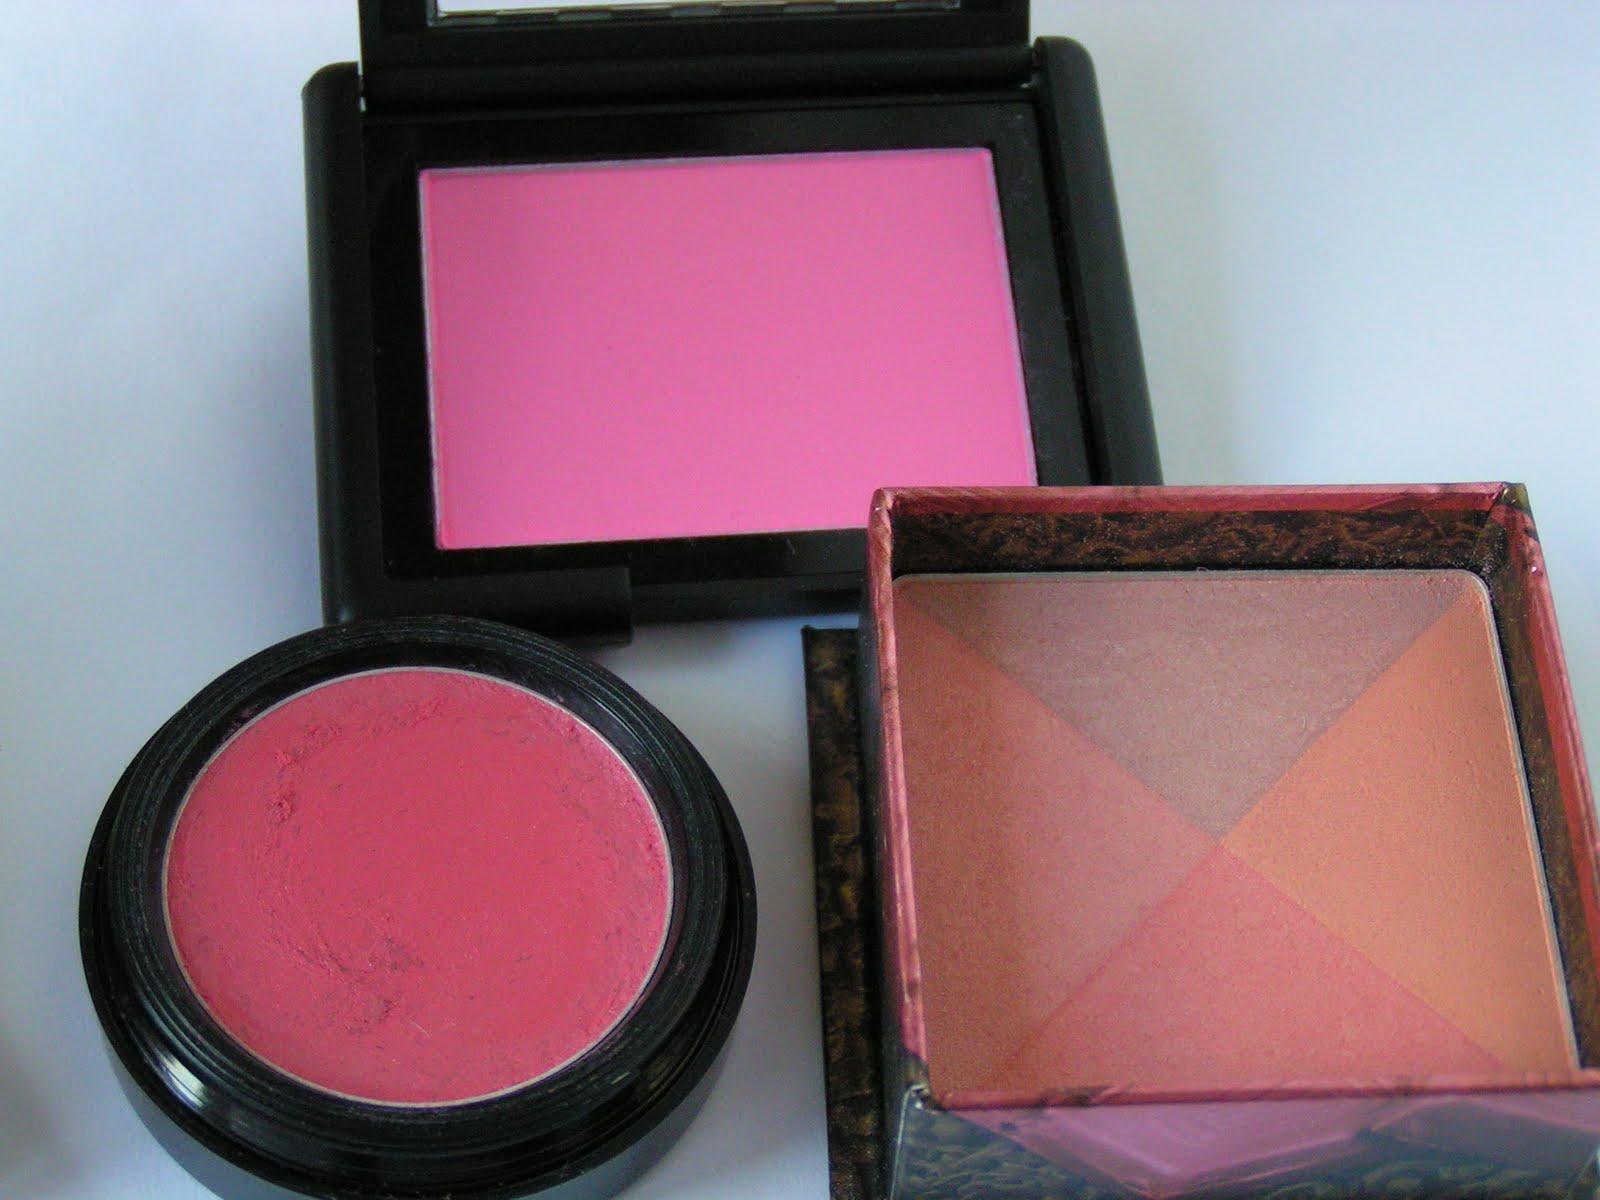 ELF Studio blush i